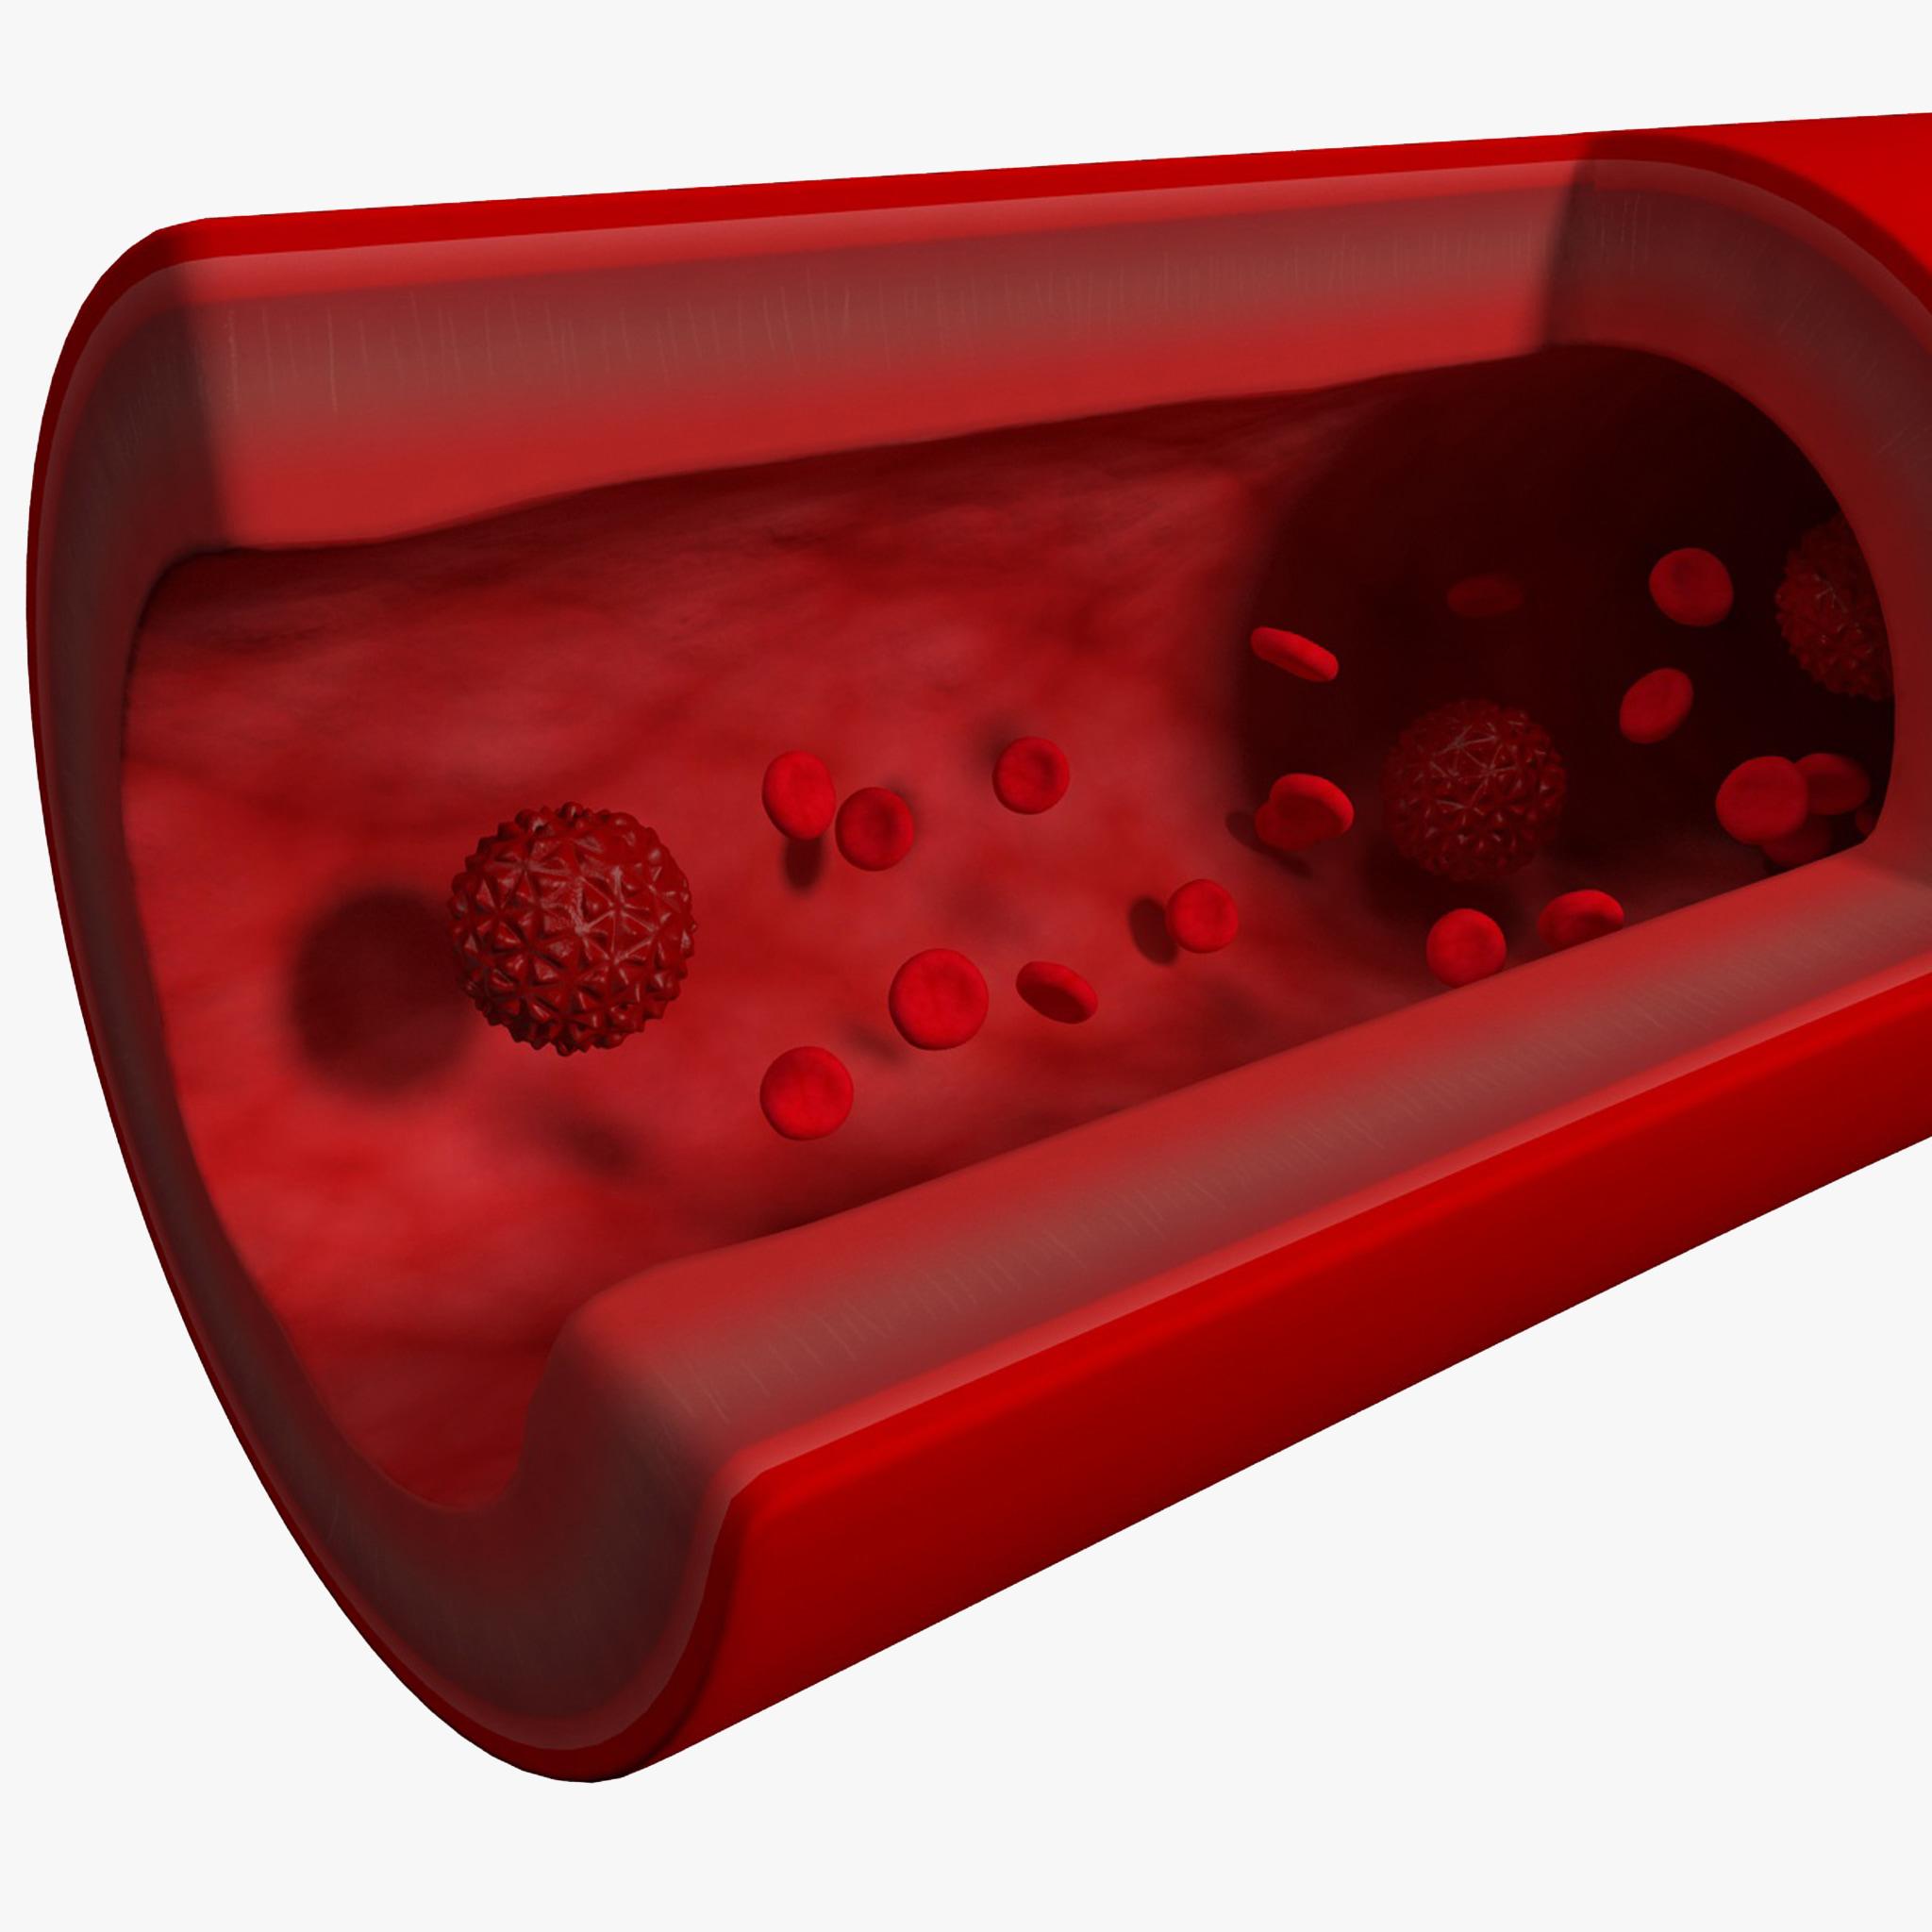 540270_Cancer_Cell_000_1.jpg